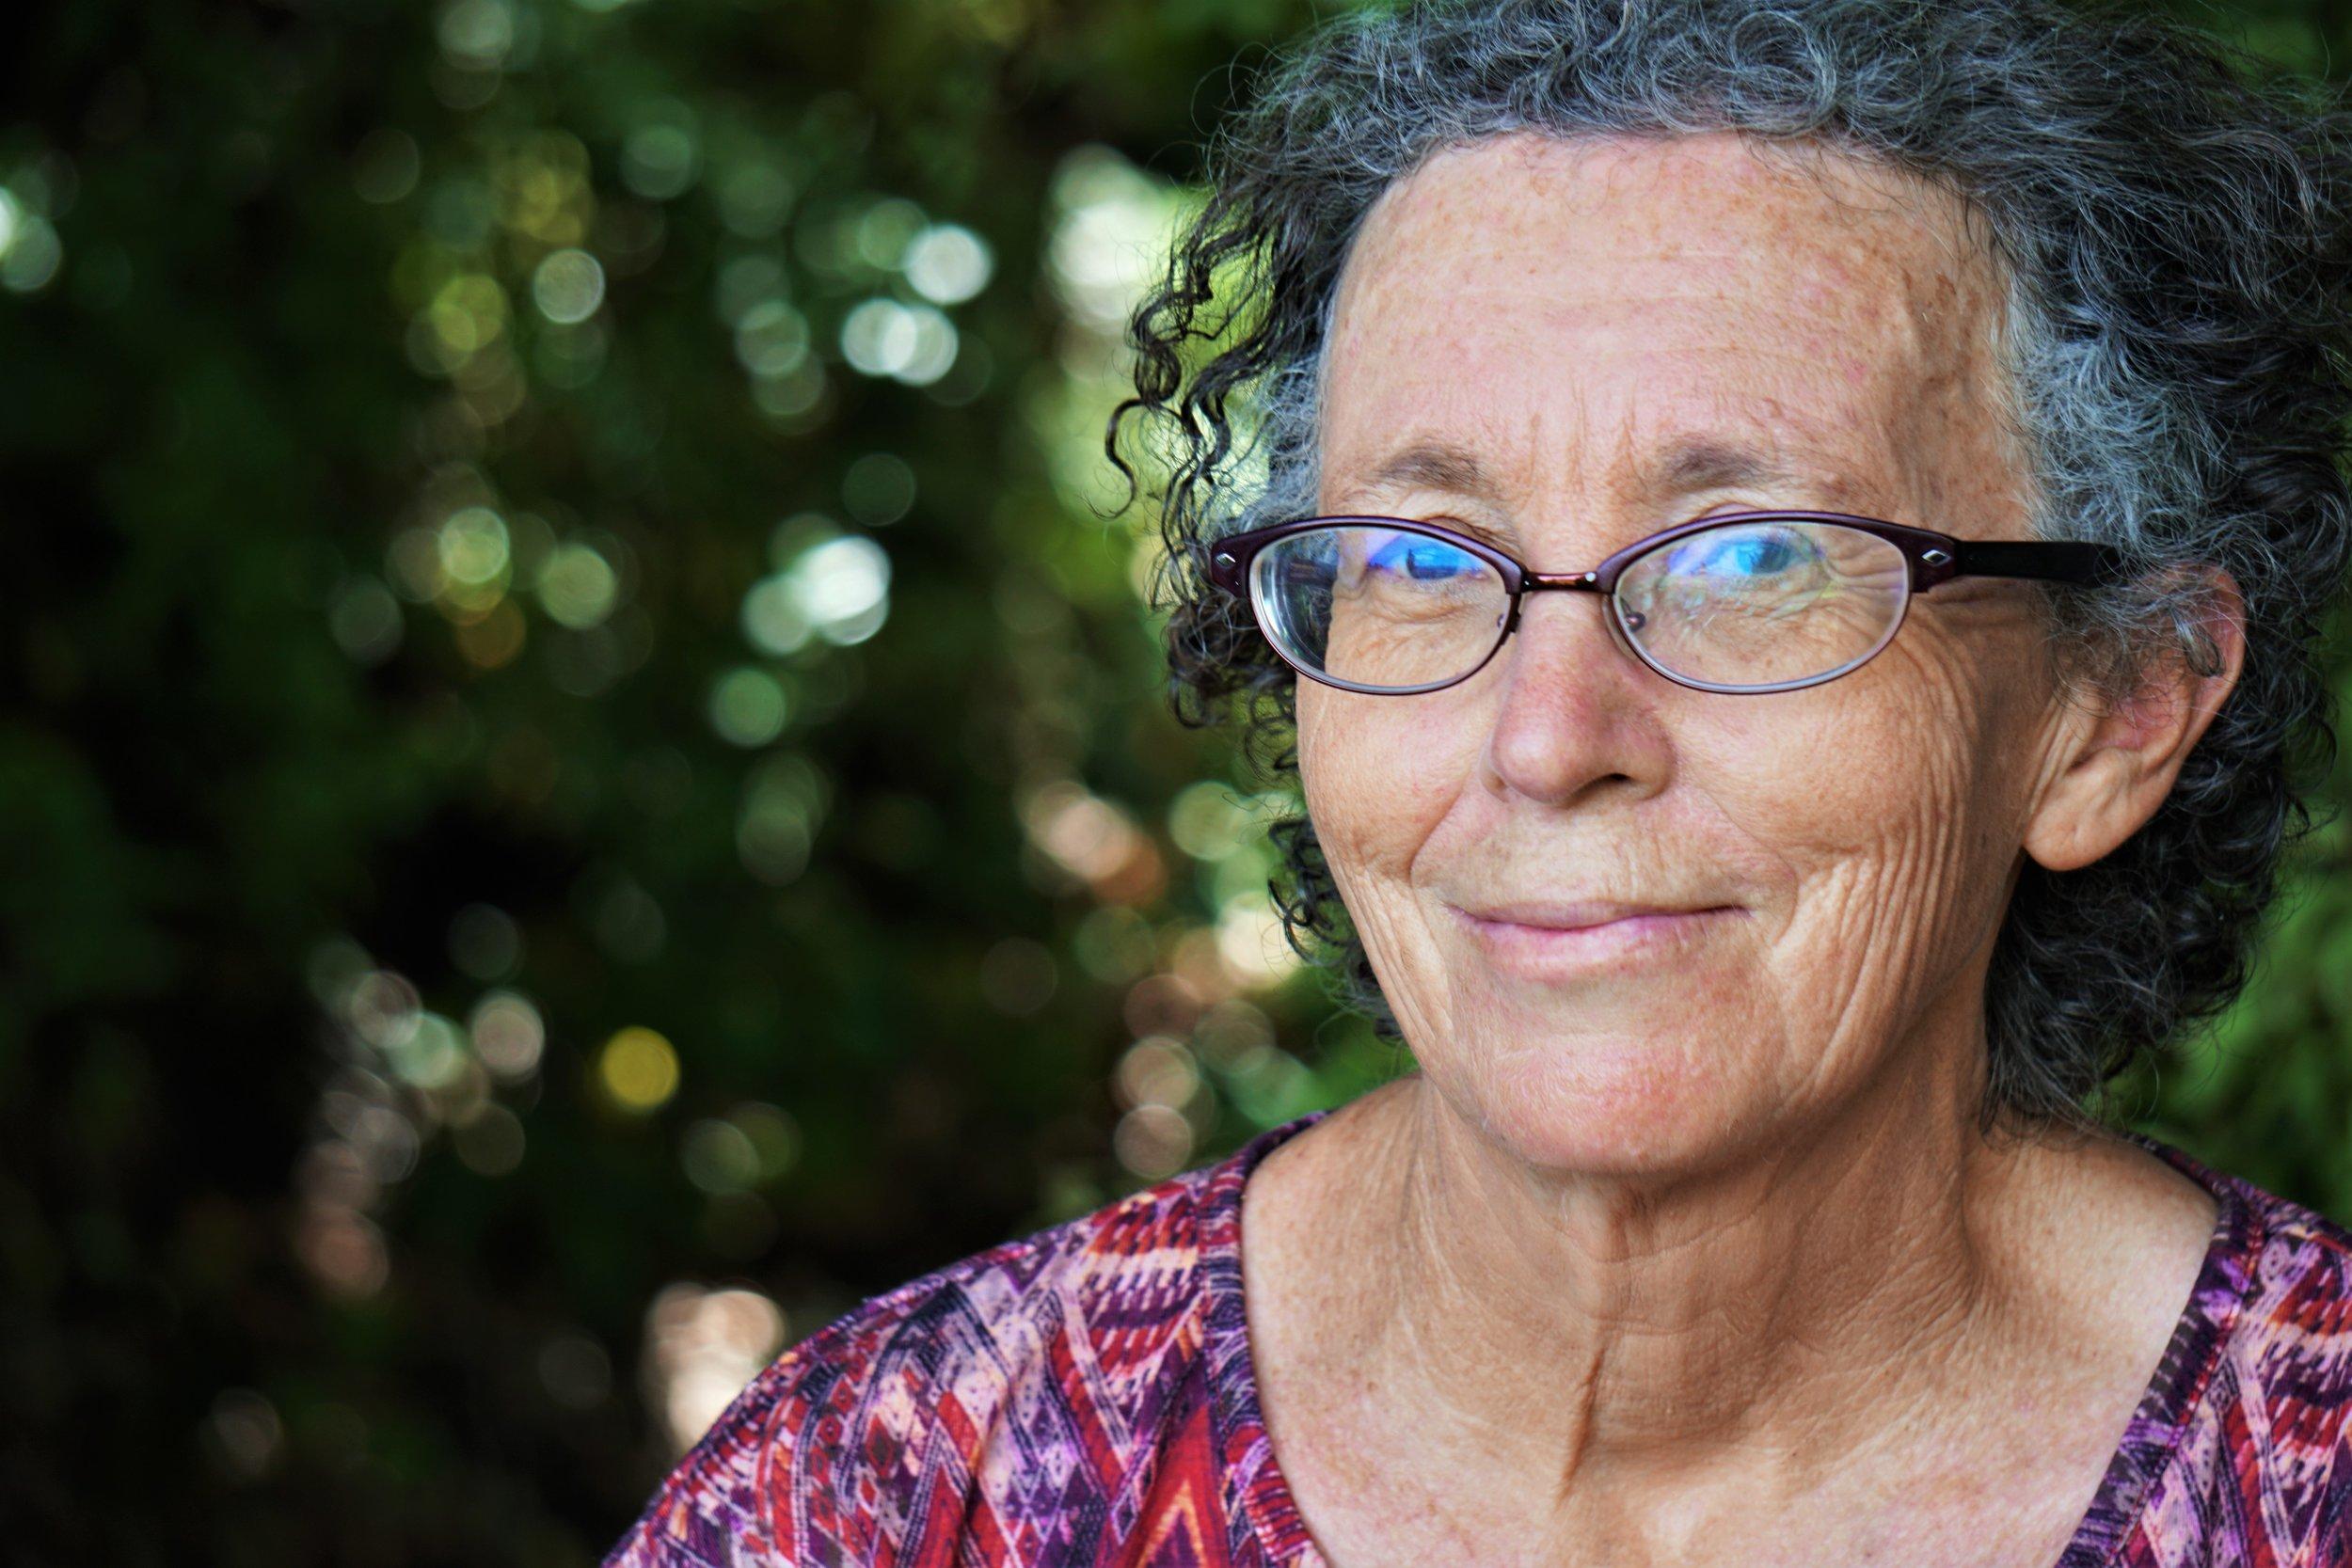 Hair Care Tips for Seniors